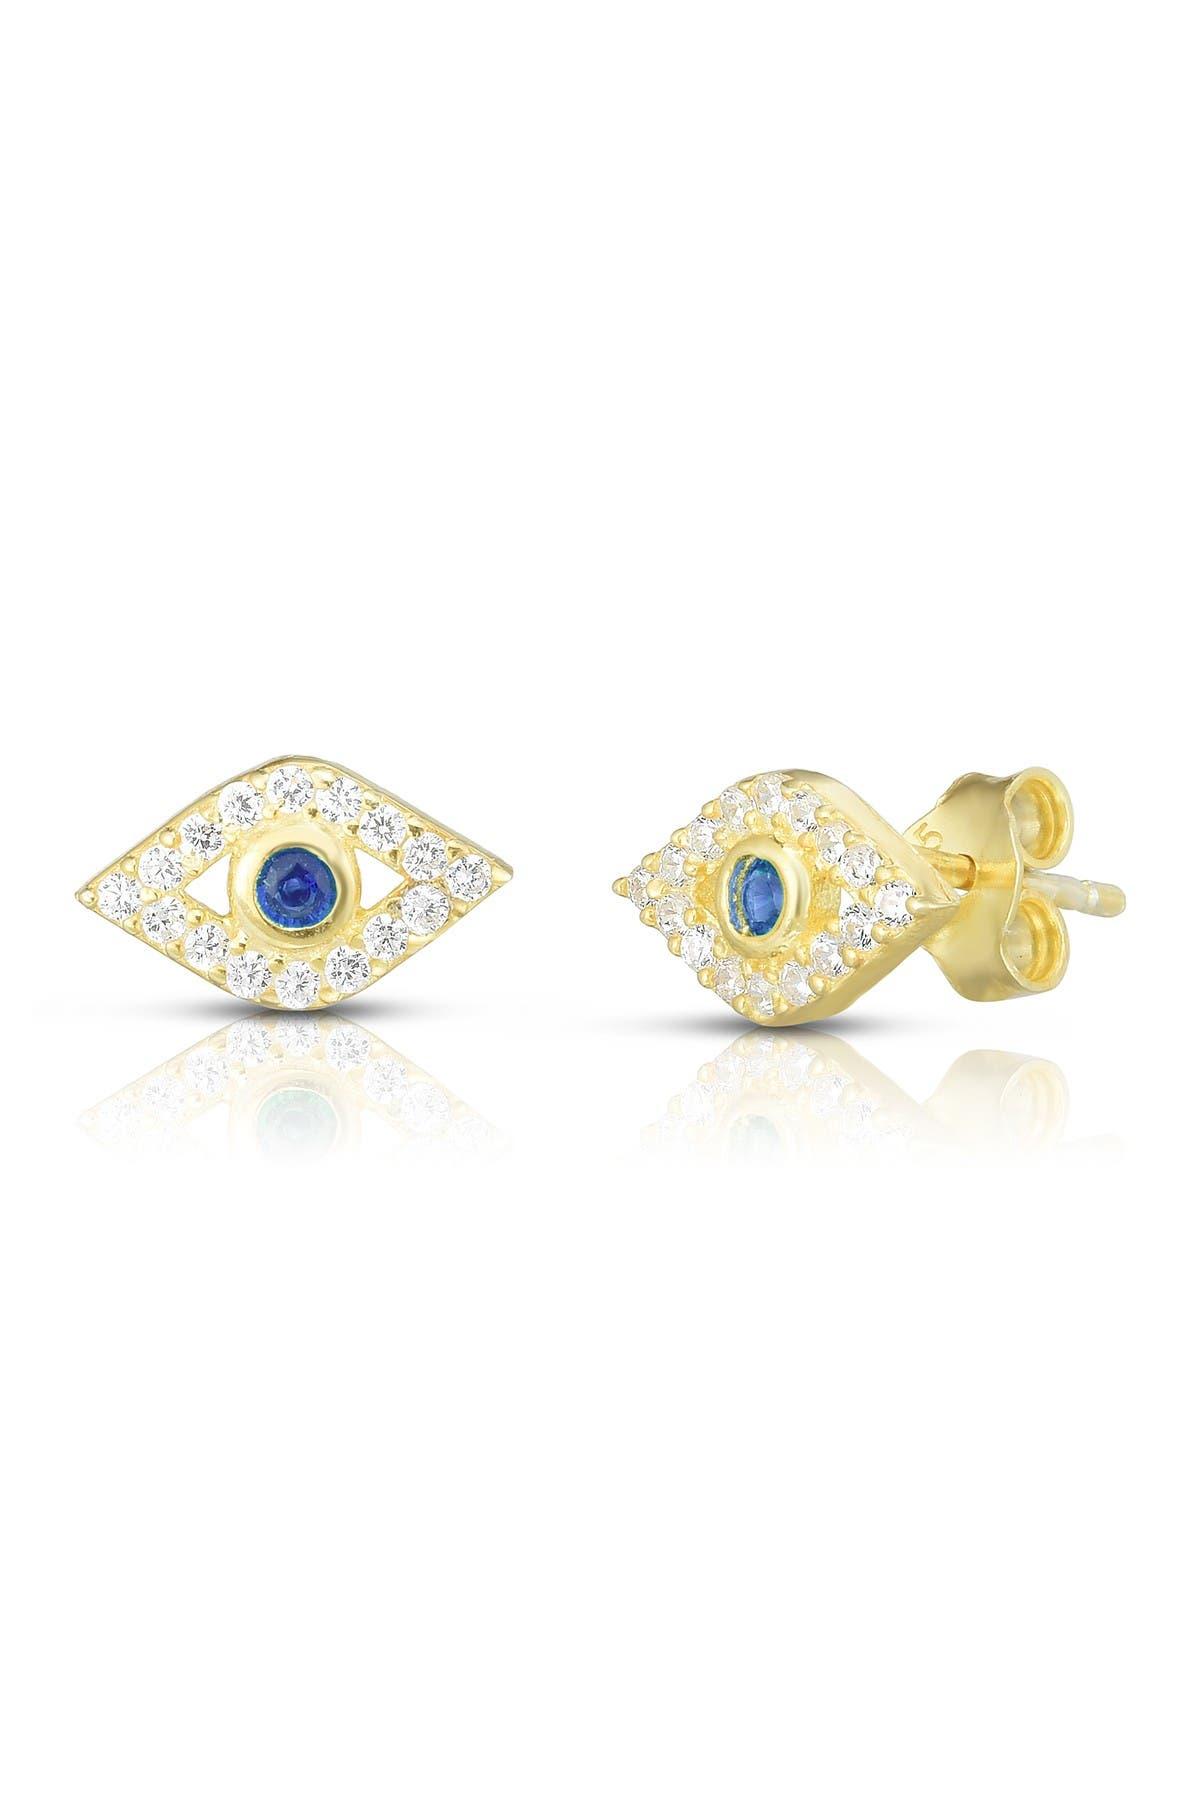 Image of Sphera Milano Gold Vermeil Evil Eye Stud Earrings